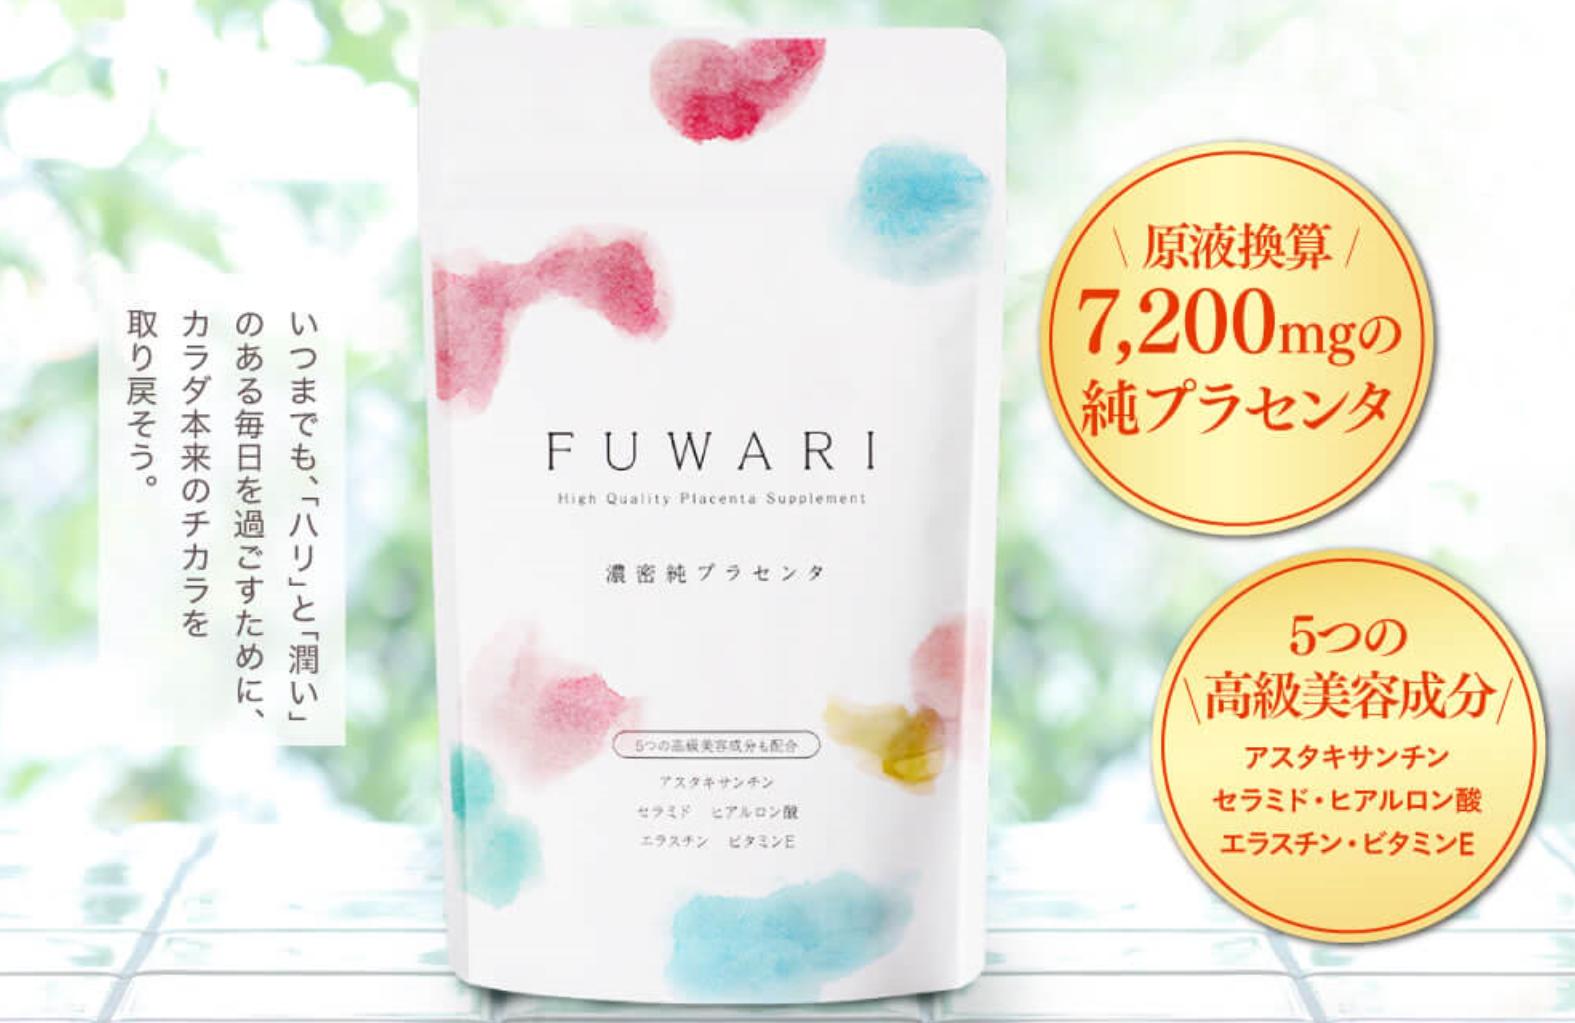 fuwari(フワリ)口コミは嘘?効果なし?プラセンタ危険成分・副作用は?